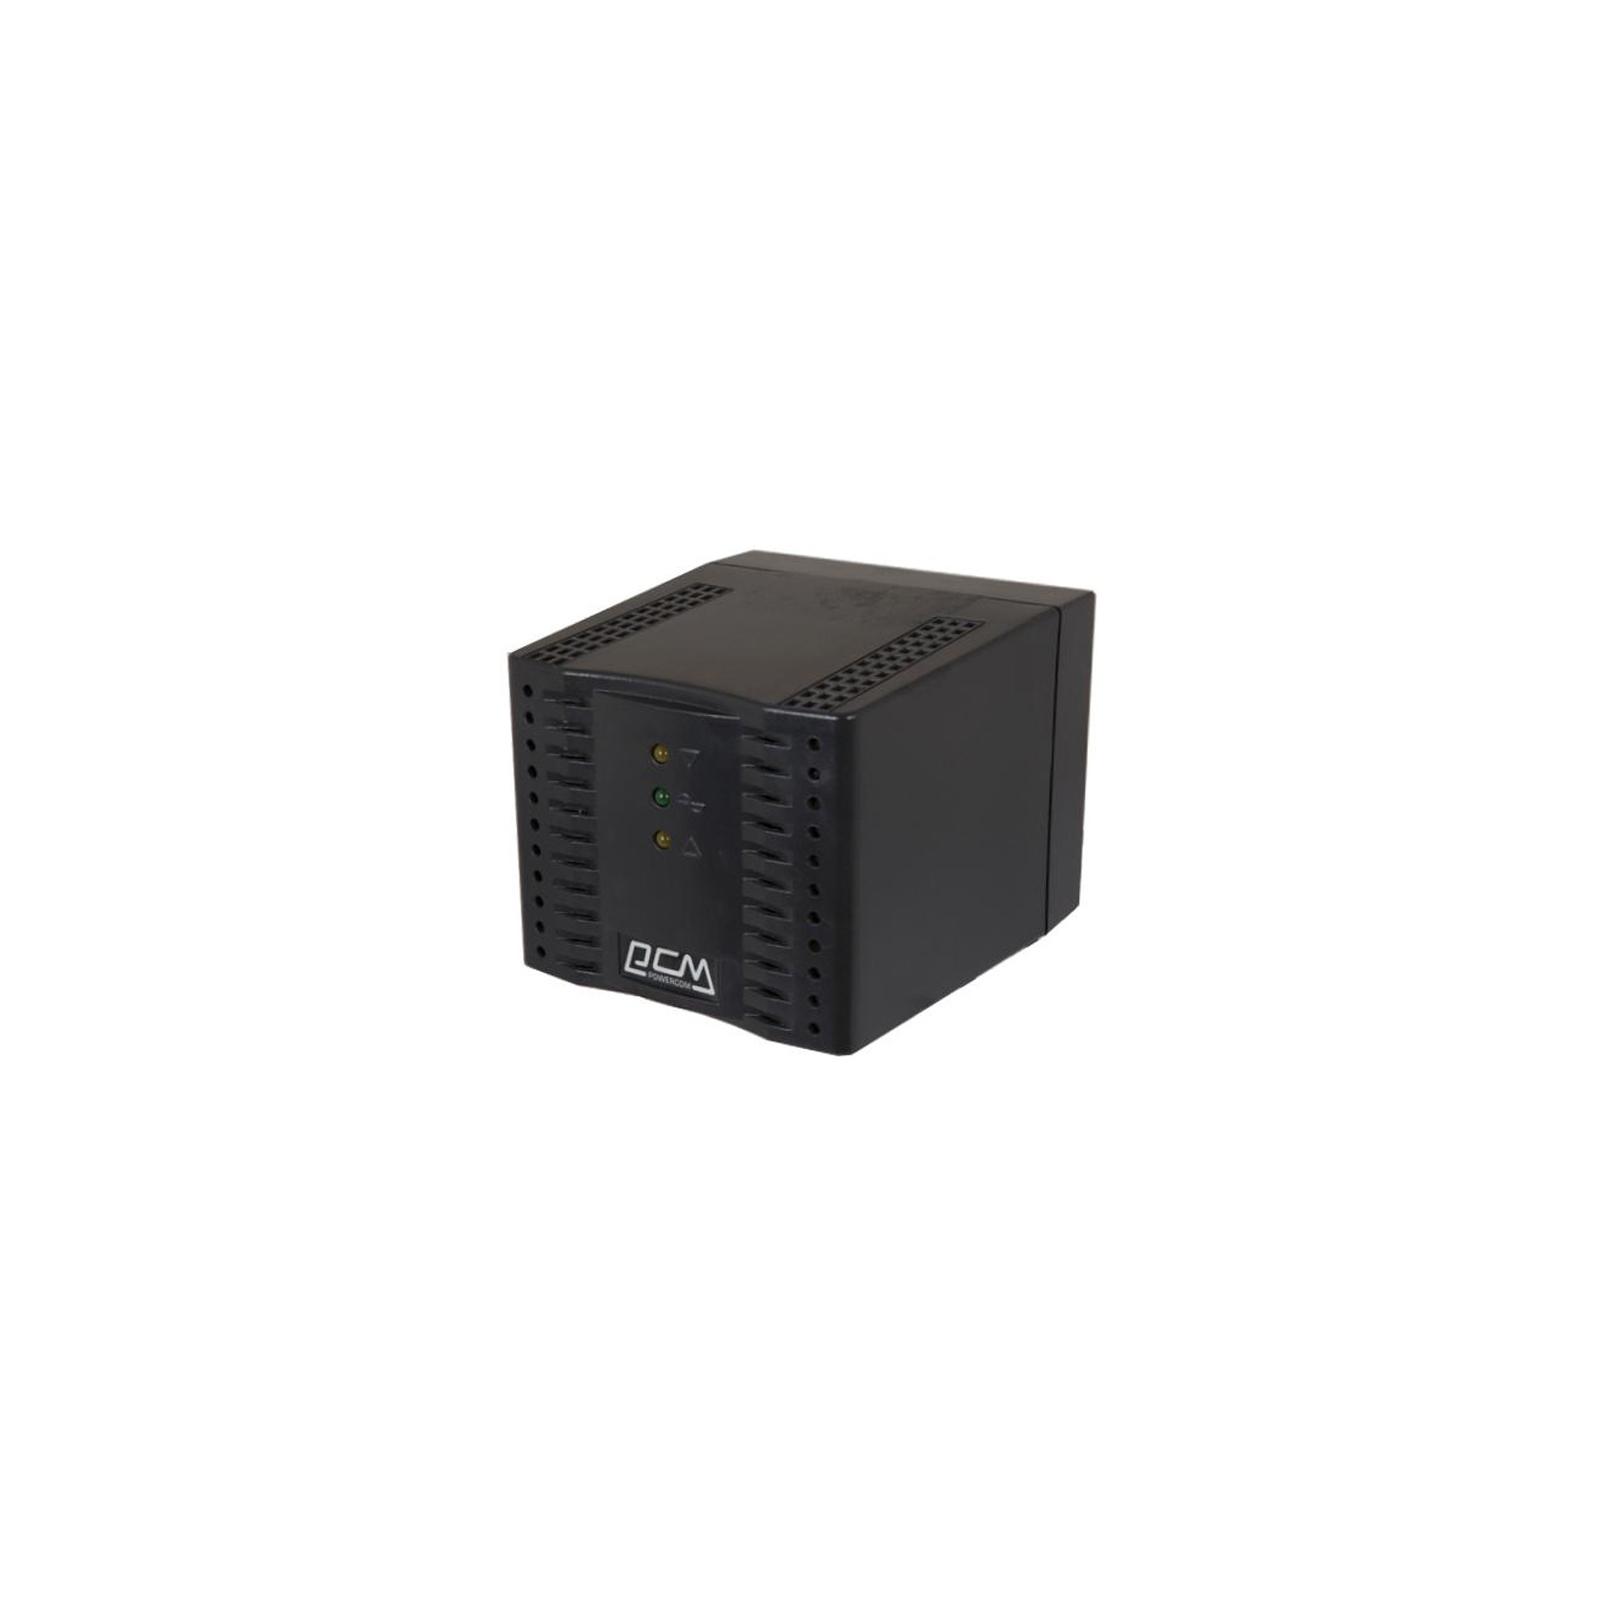 Стабилизатор Powercom TCA-600 black изображение 2